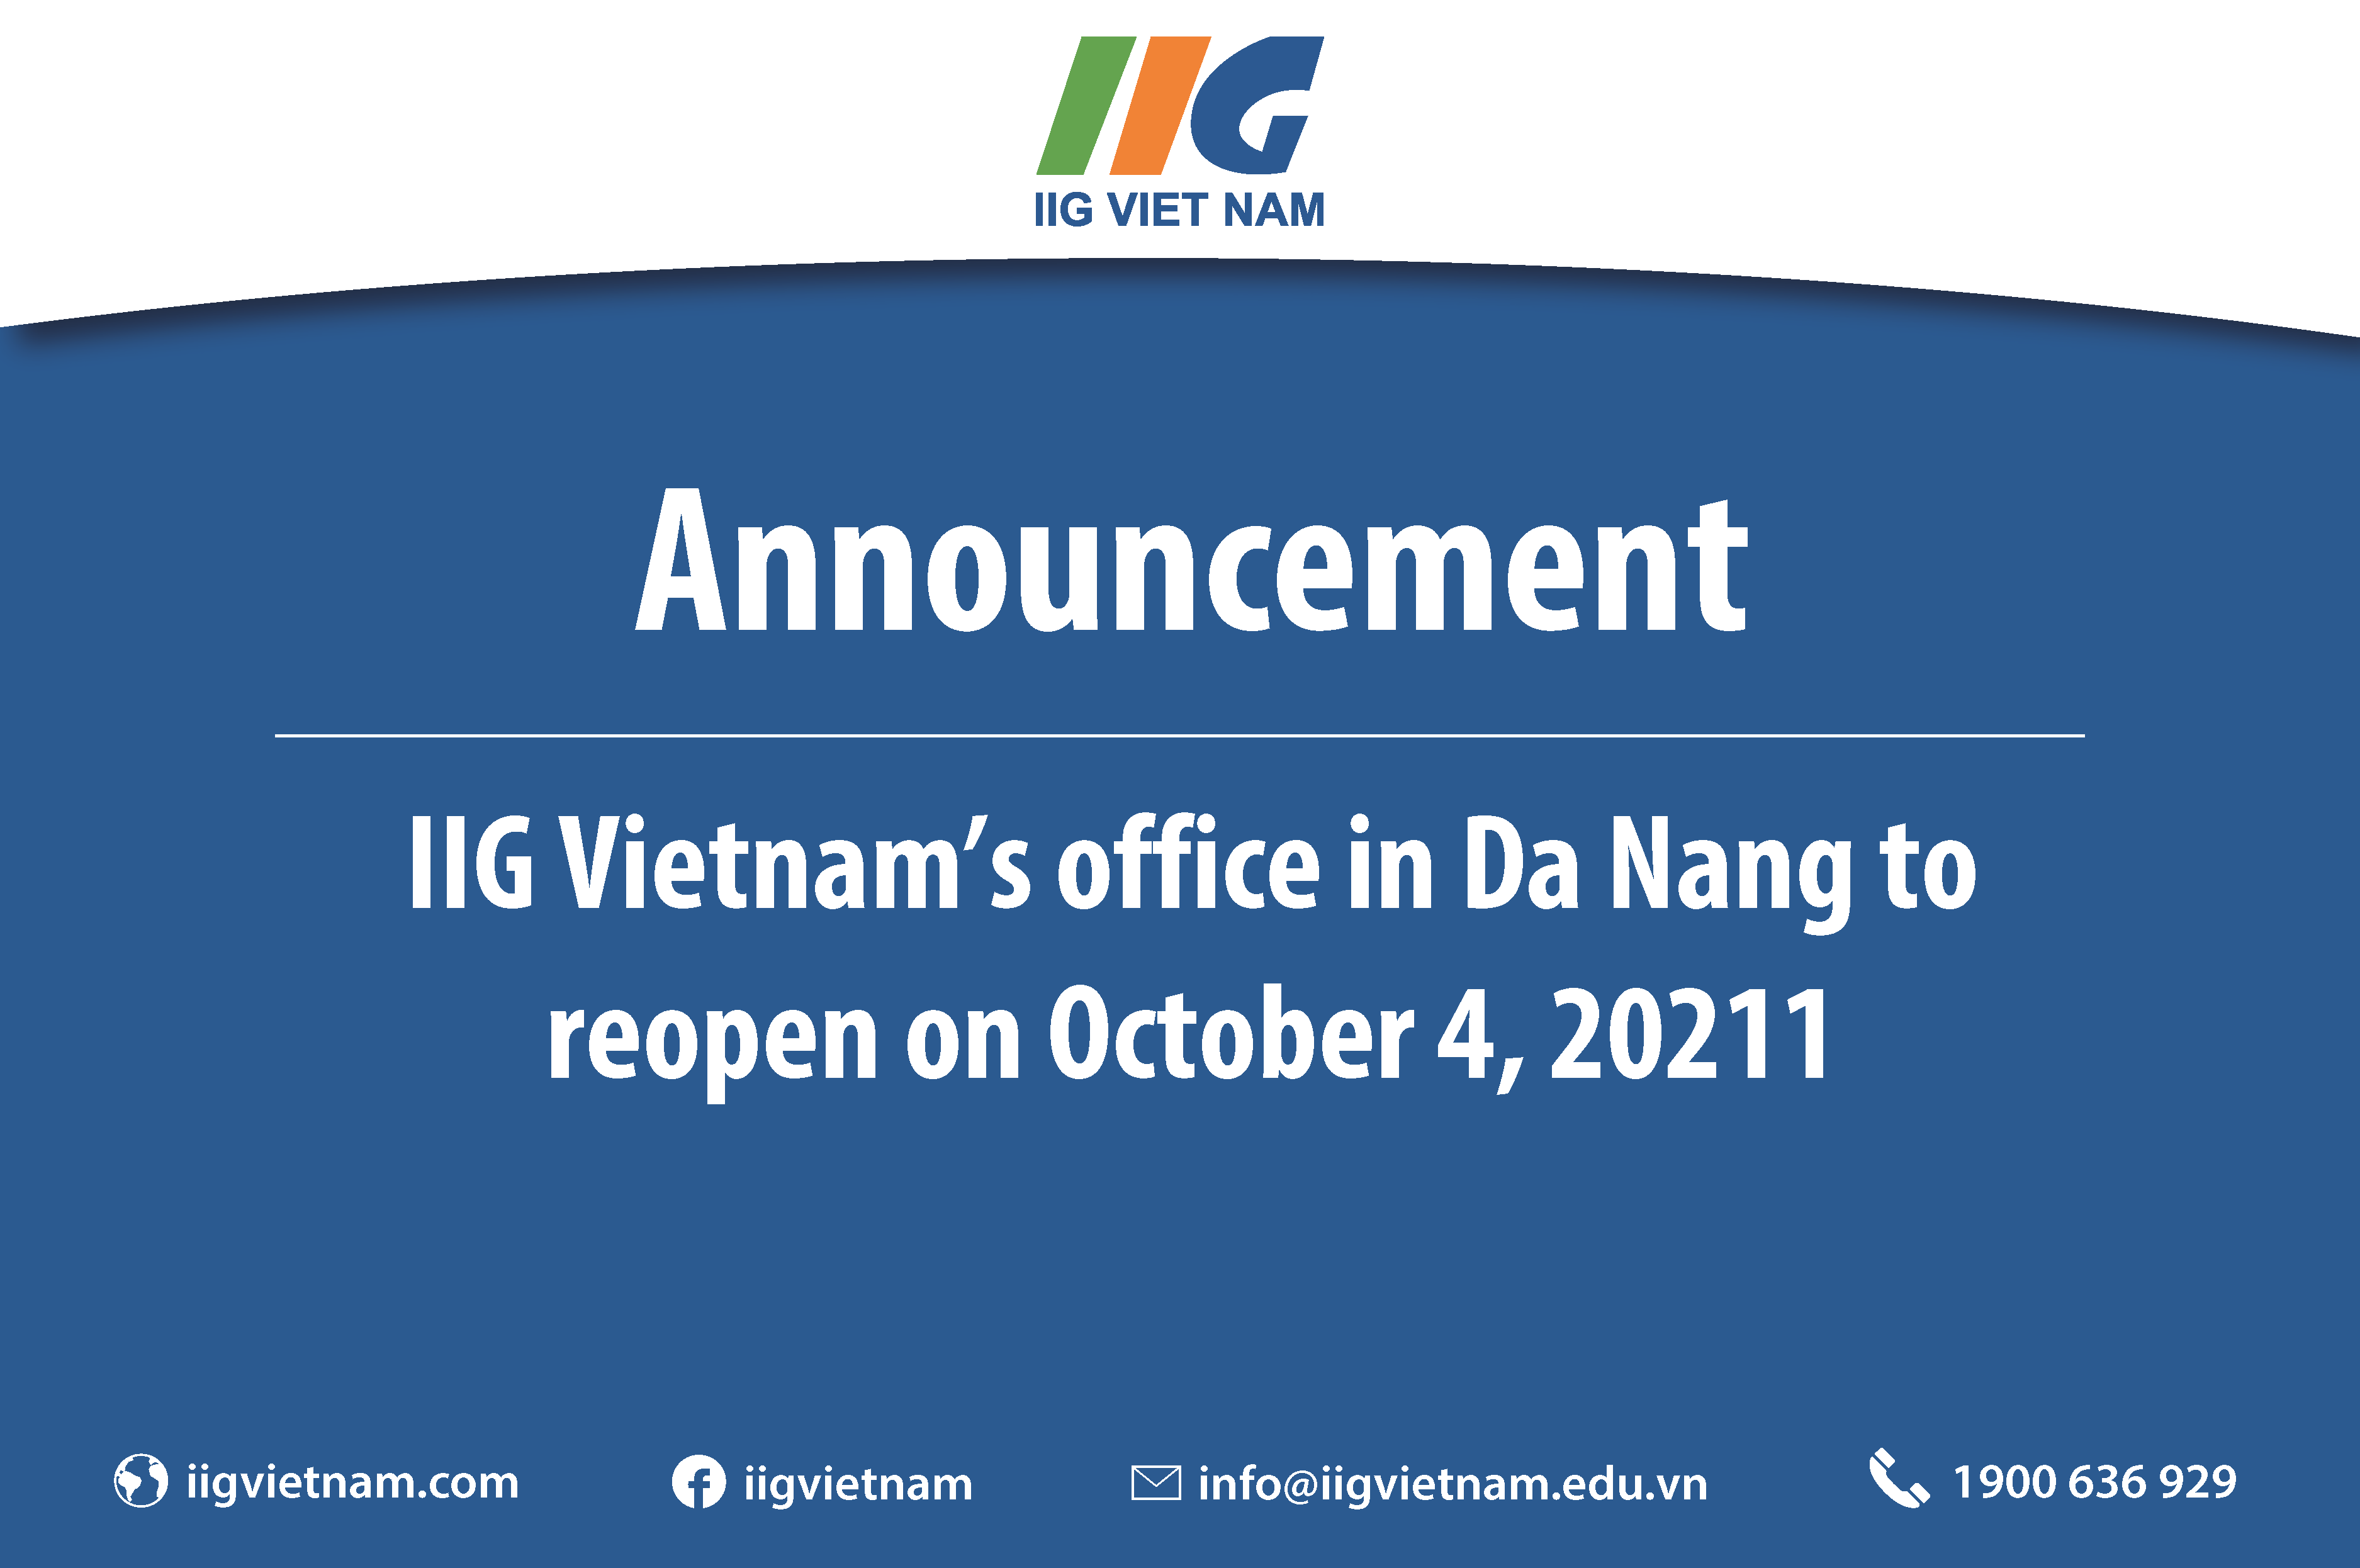 Announcement: IIG Vietnam's office in Da Nang to reopen on October 4, 2021